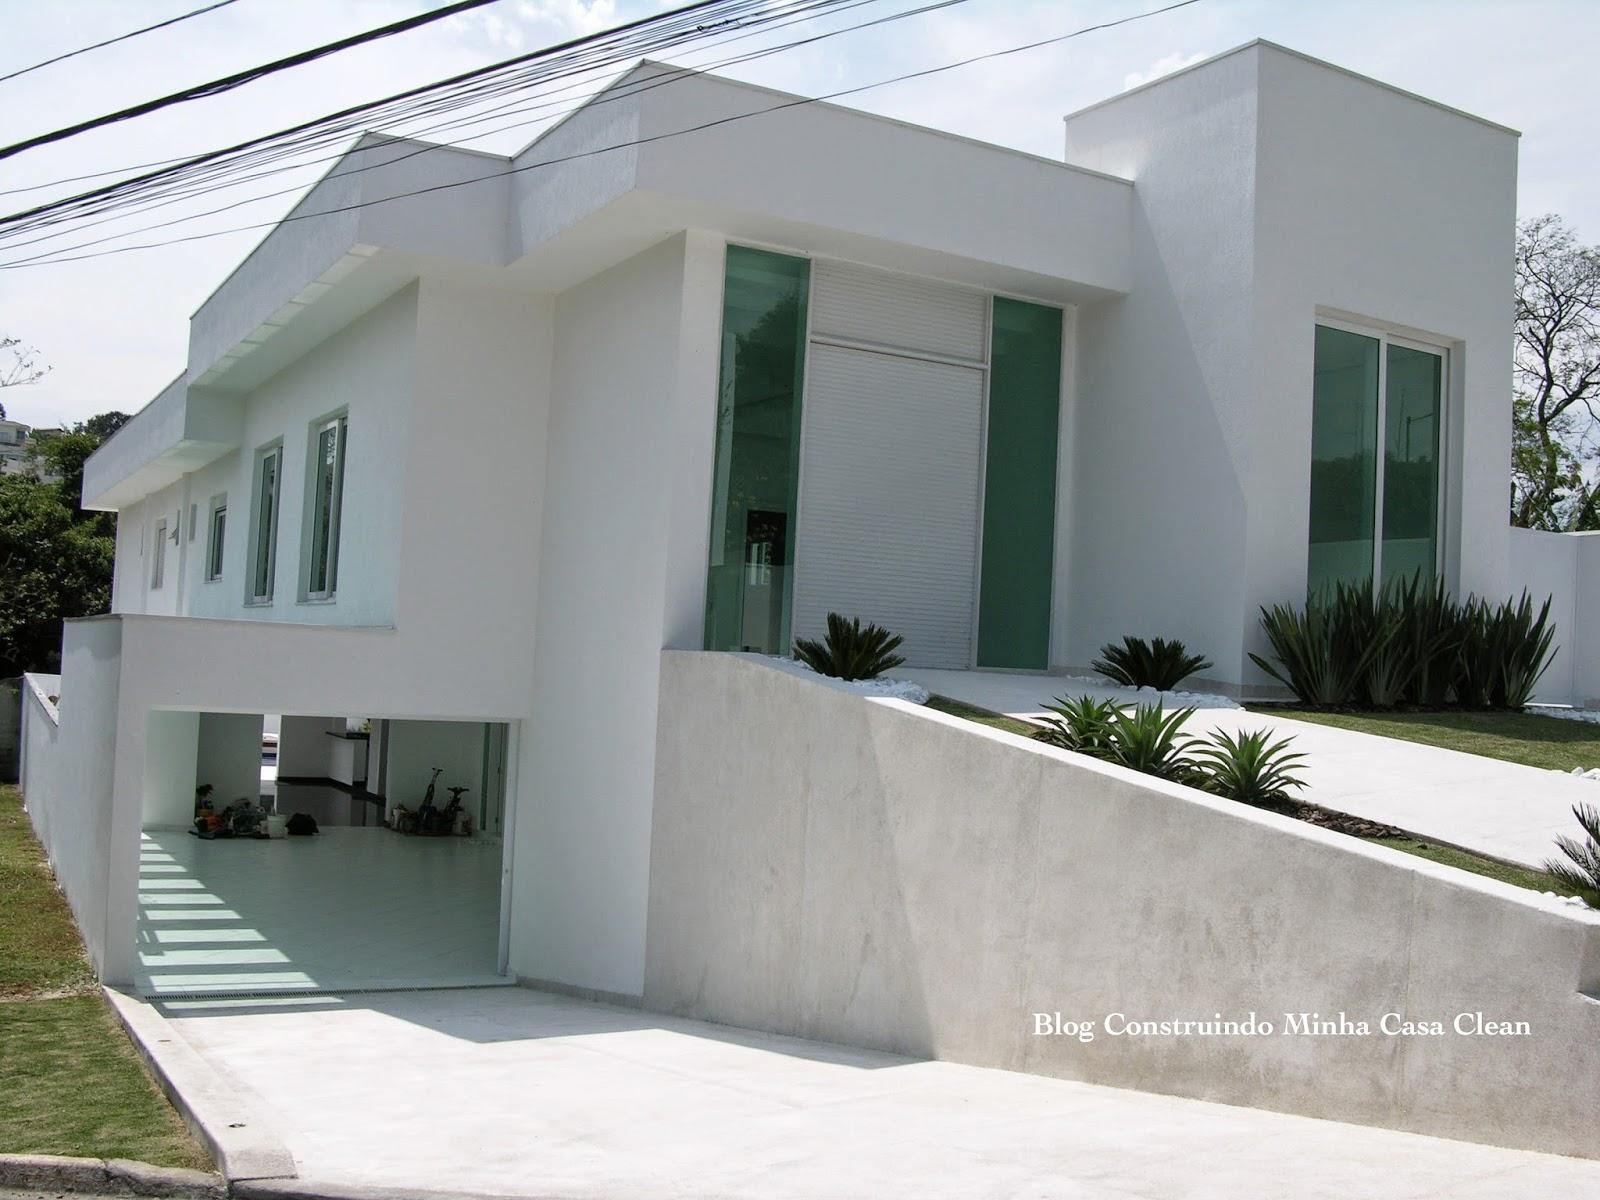 ideias jardins moradias:29- Garagem na frente subterrânea com cobertura de concreto!